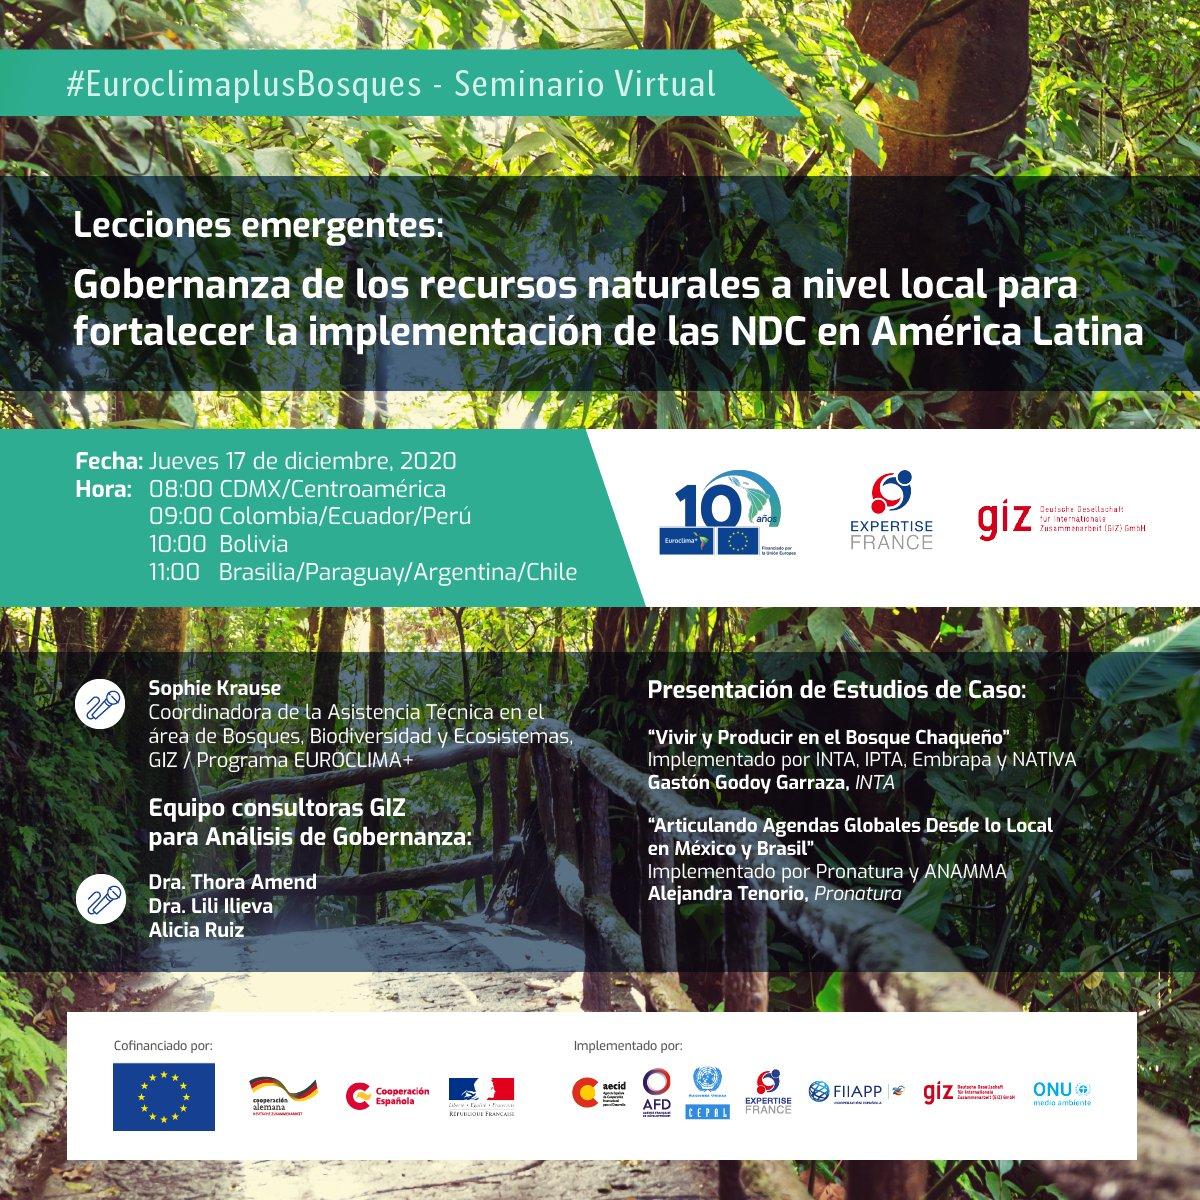 Gobernanza de los recursos naturales a nivel local para fortalecer la implementación de las NDC en América Latina